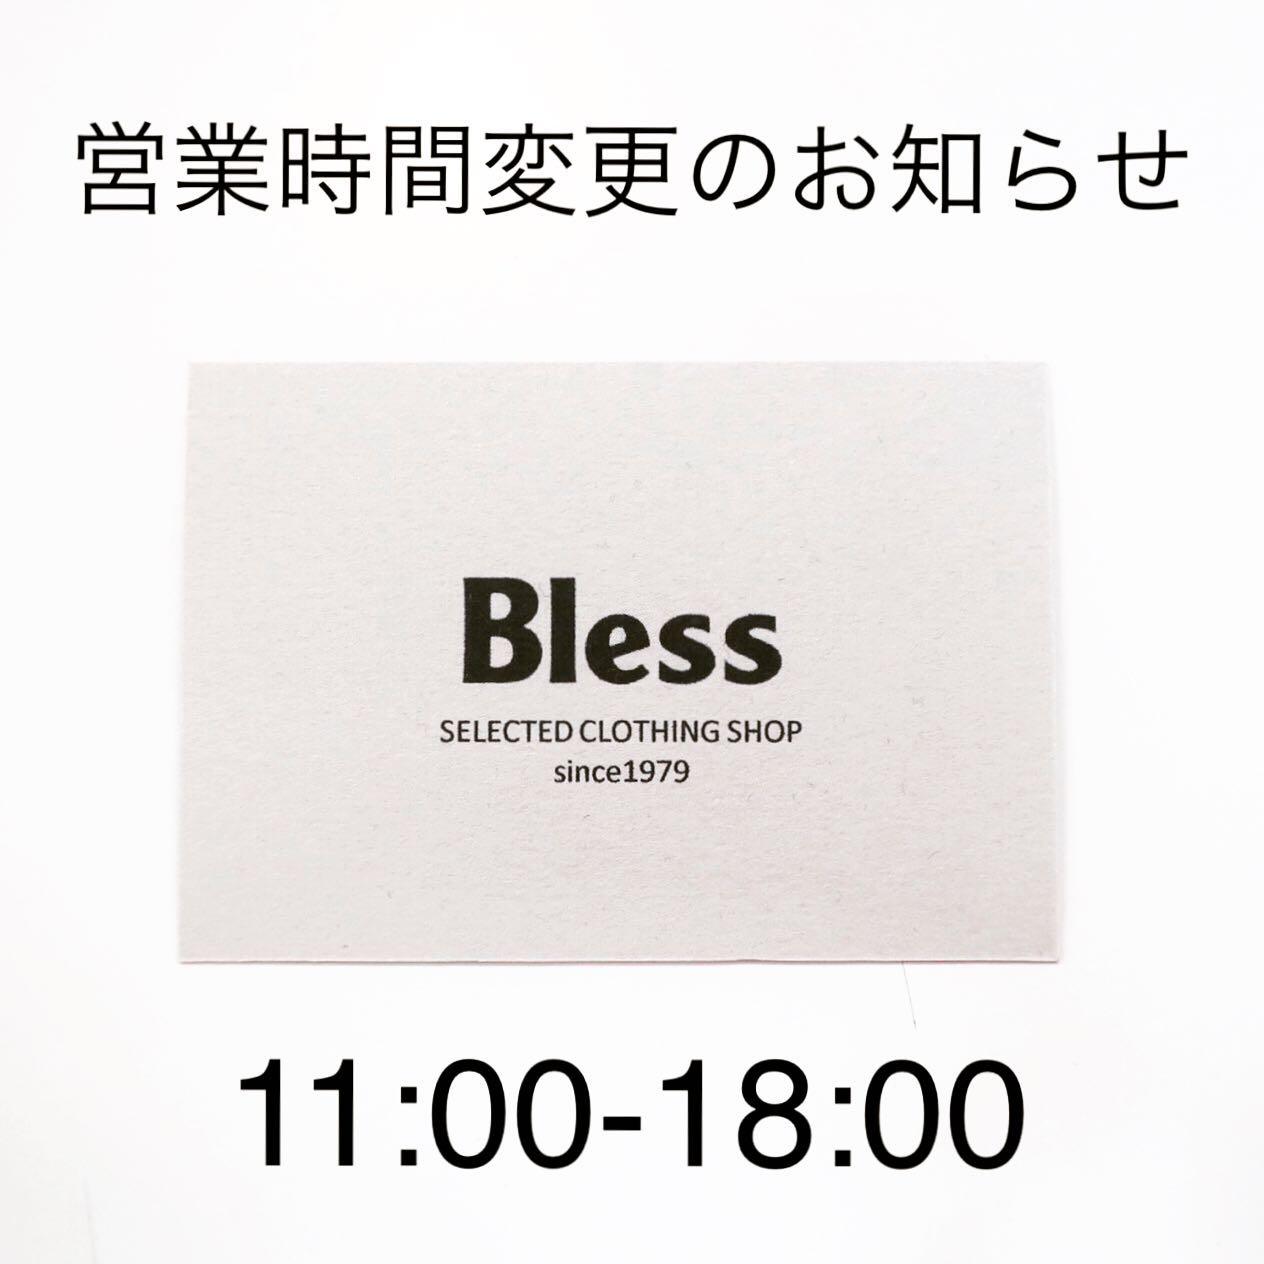 .【お知らせ】.営業時間が11:00〜18:00に変更致しました!.ご迷惑をお掛け致しますが、よろしくお願い致します♀️......#愛媛#松山#大街道#ehime#matsuyama#BlessofBless#セレクトショップ#今日のコーディネート#お洒落さんと繋がりたい#お知らせ - from Instagram